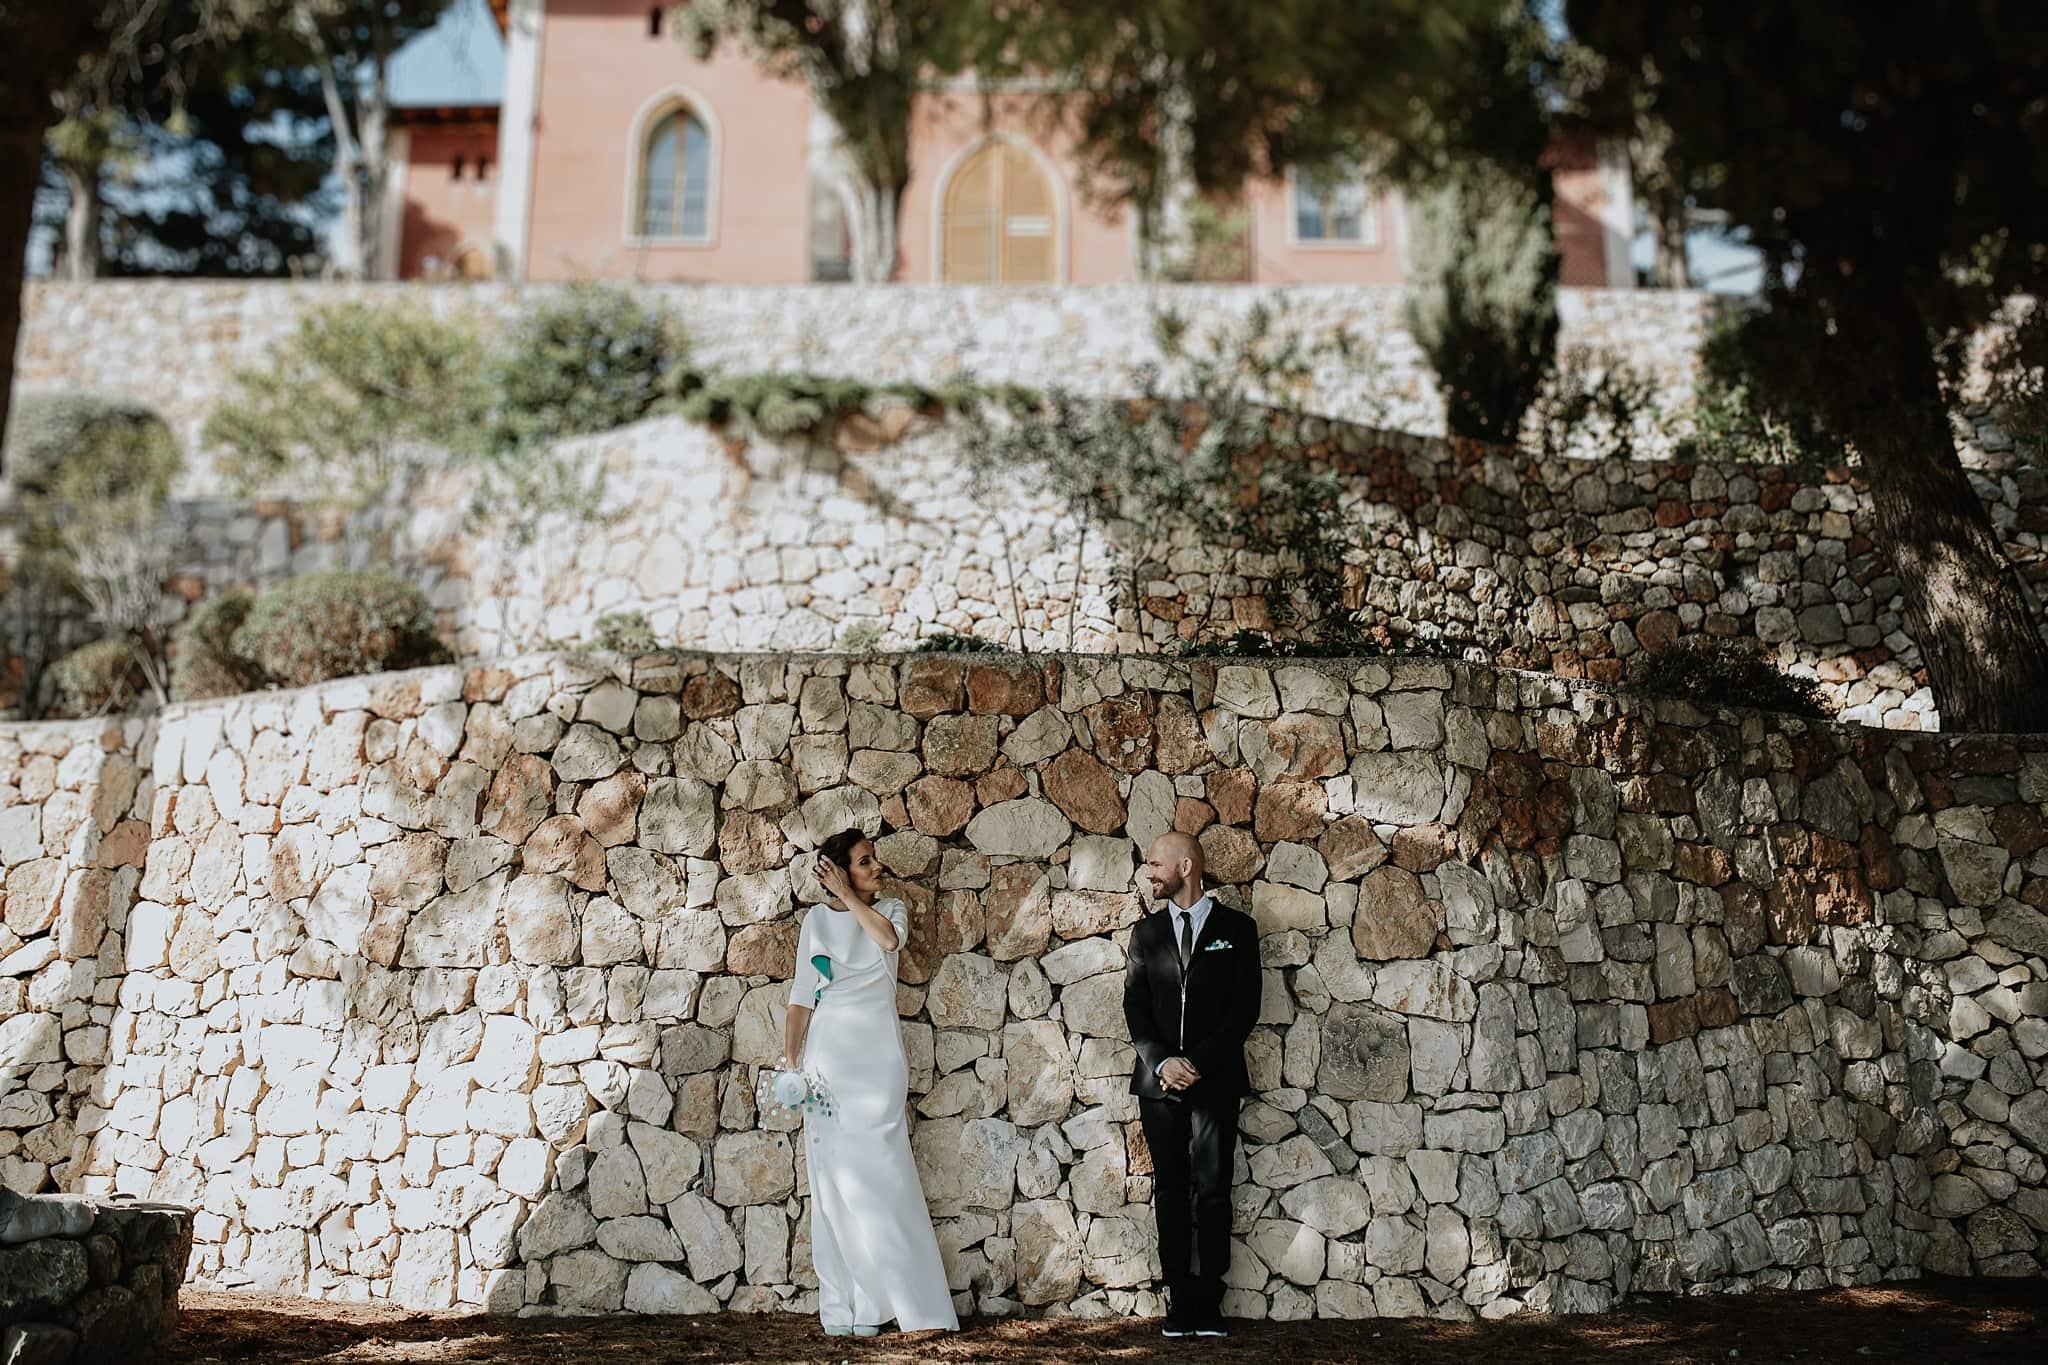 prisma-blanco-fotografia-bodas-altea-111